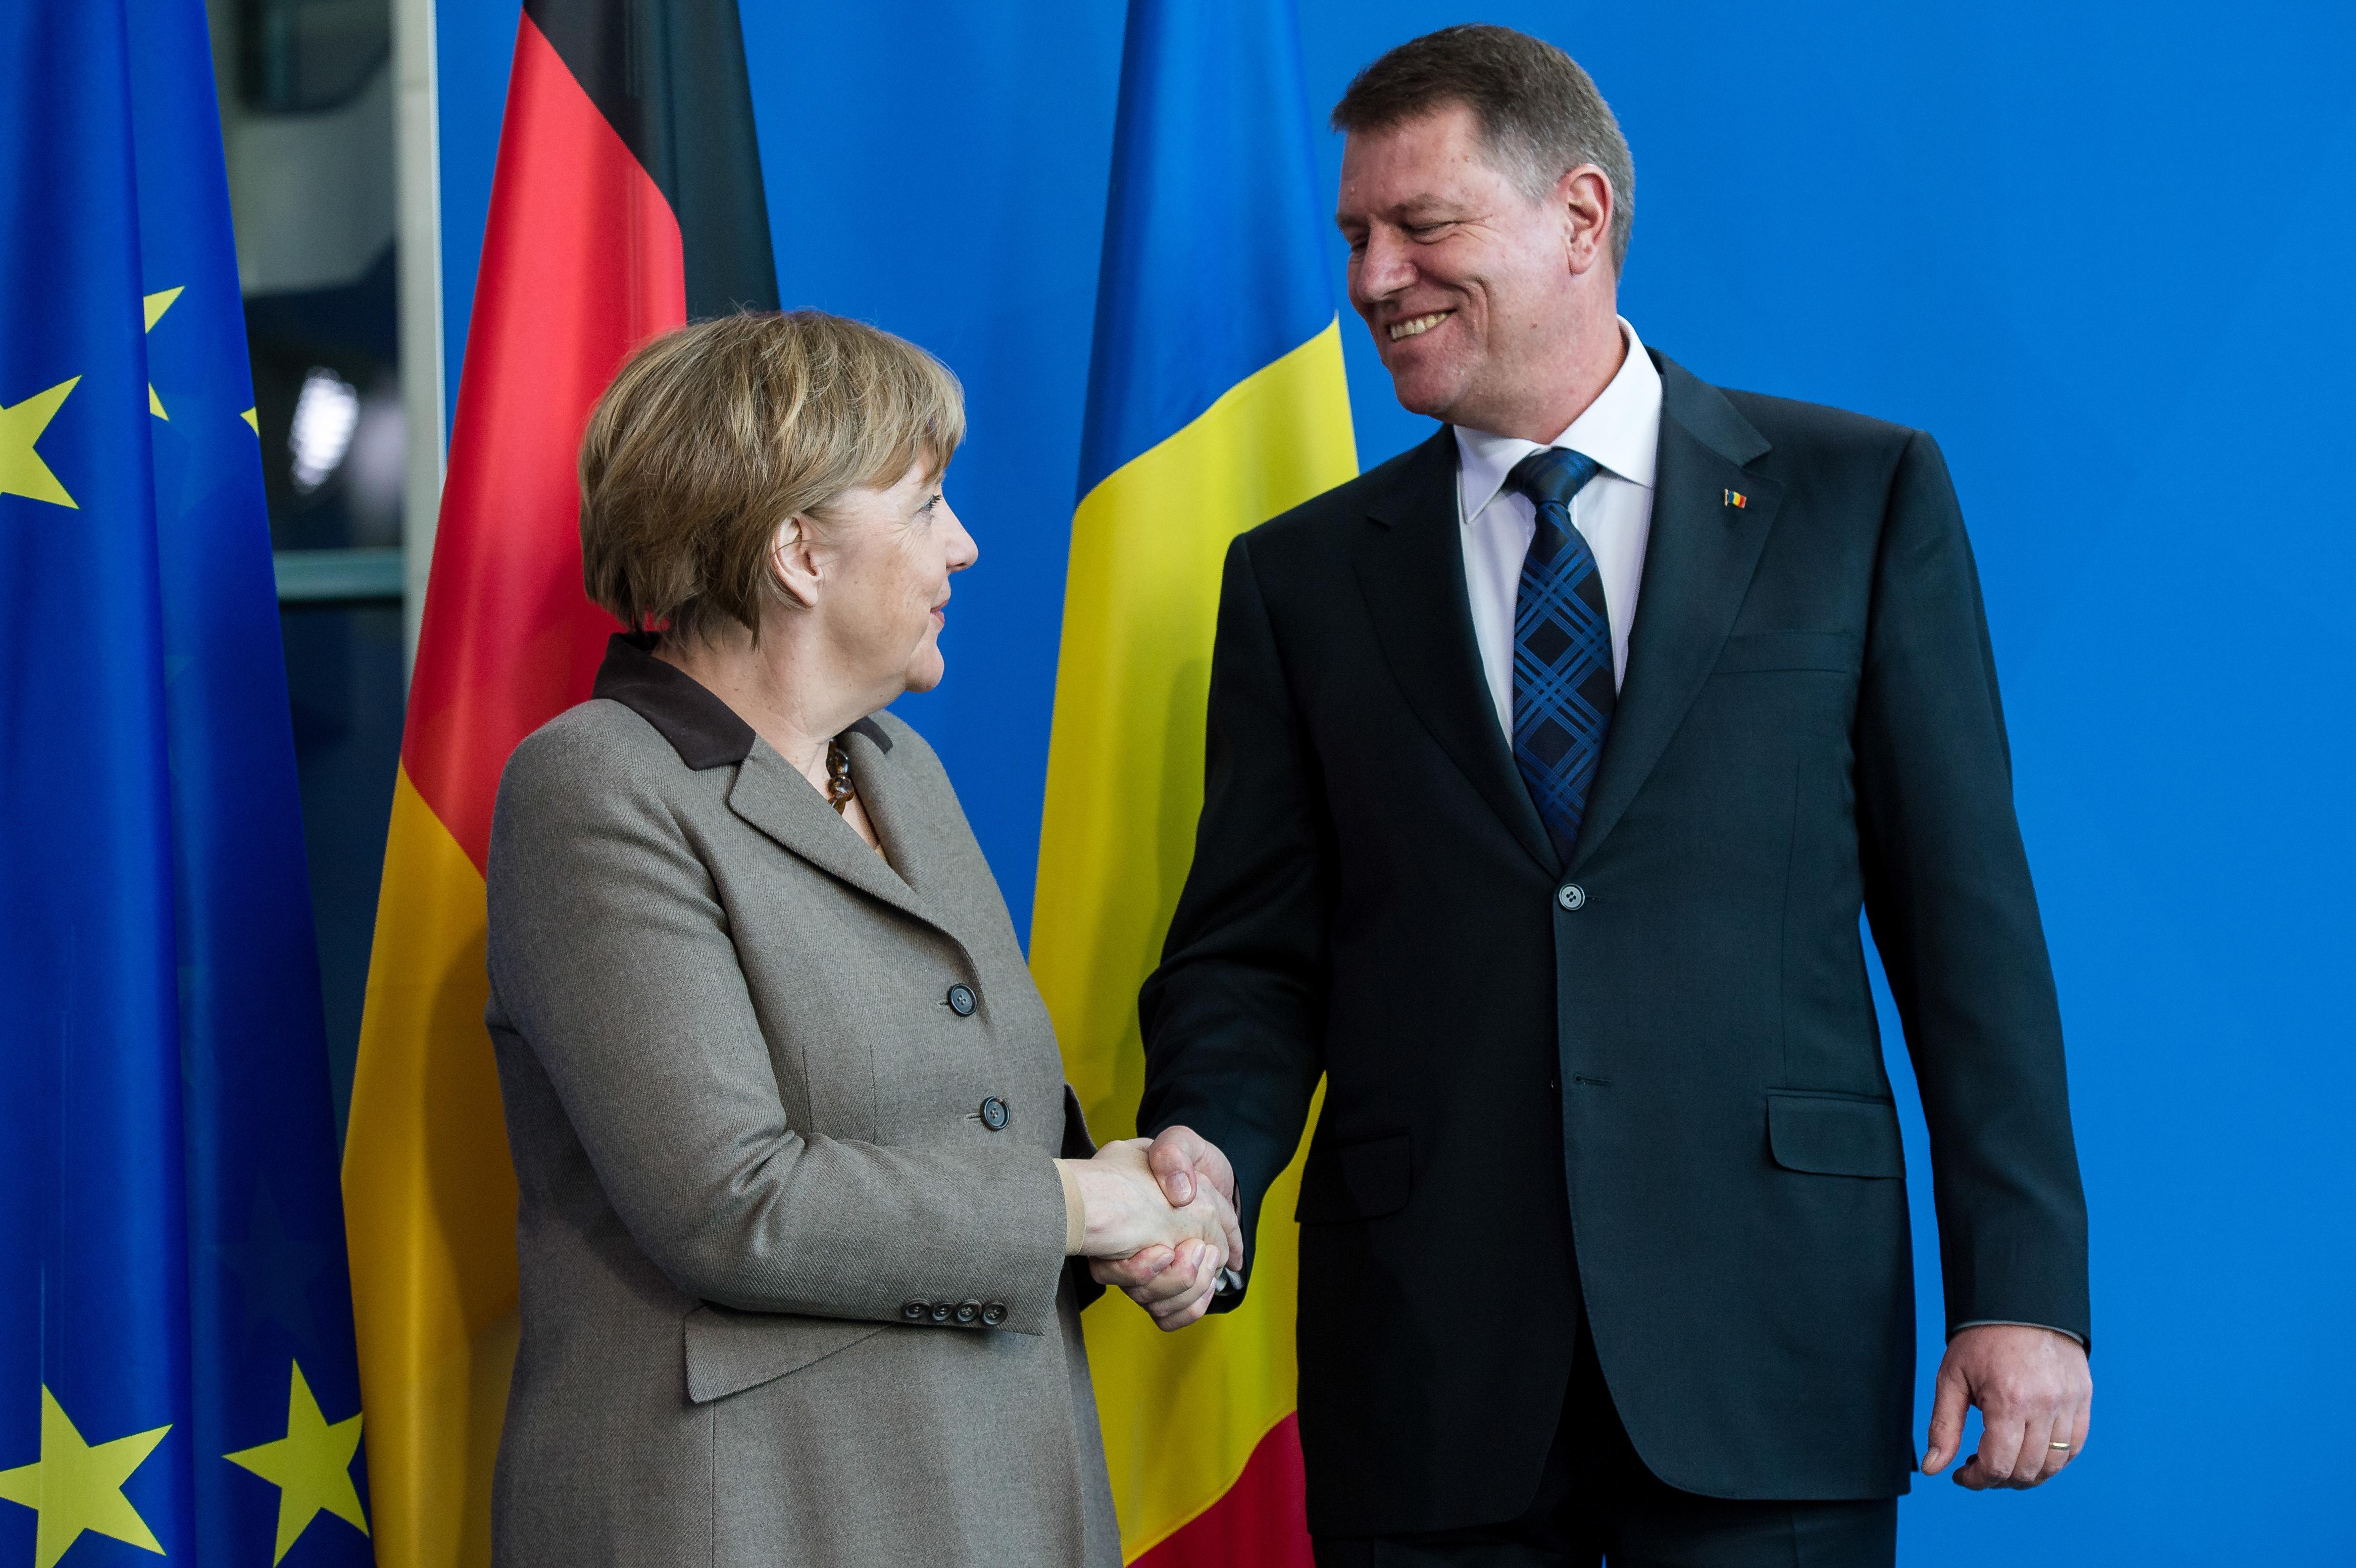 Anuntul facut de Klaus Iohannis dupa ce s-a intalnit cu Angela Merkel